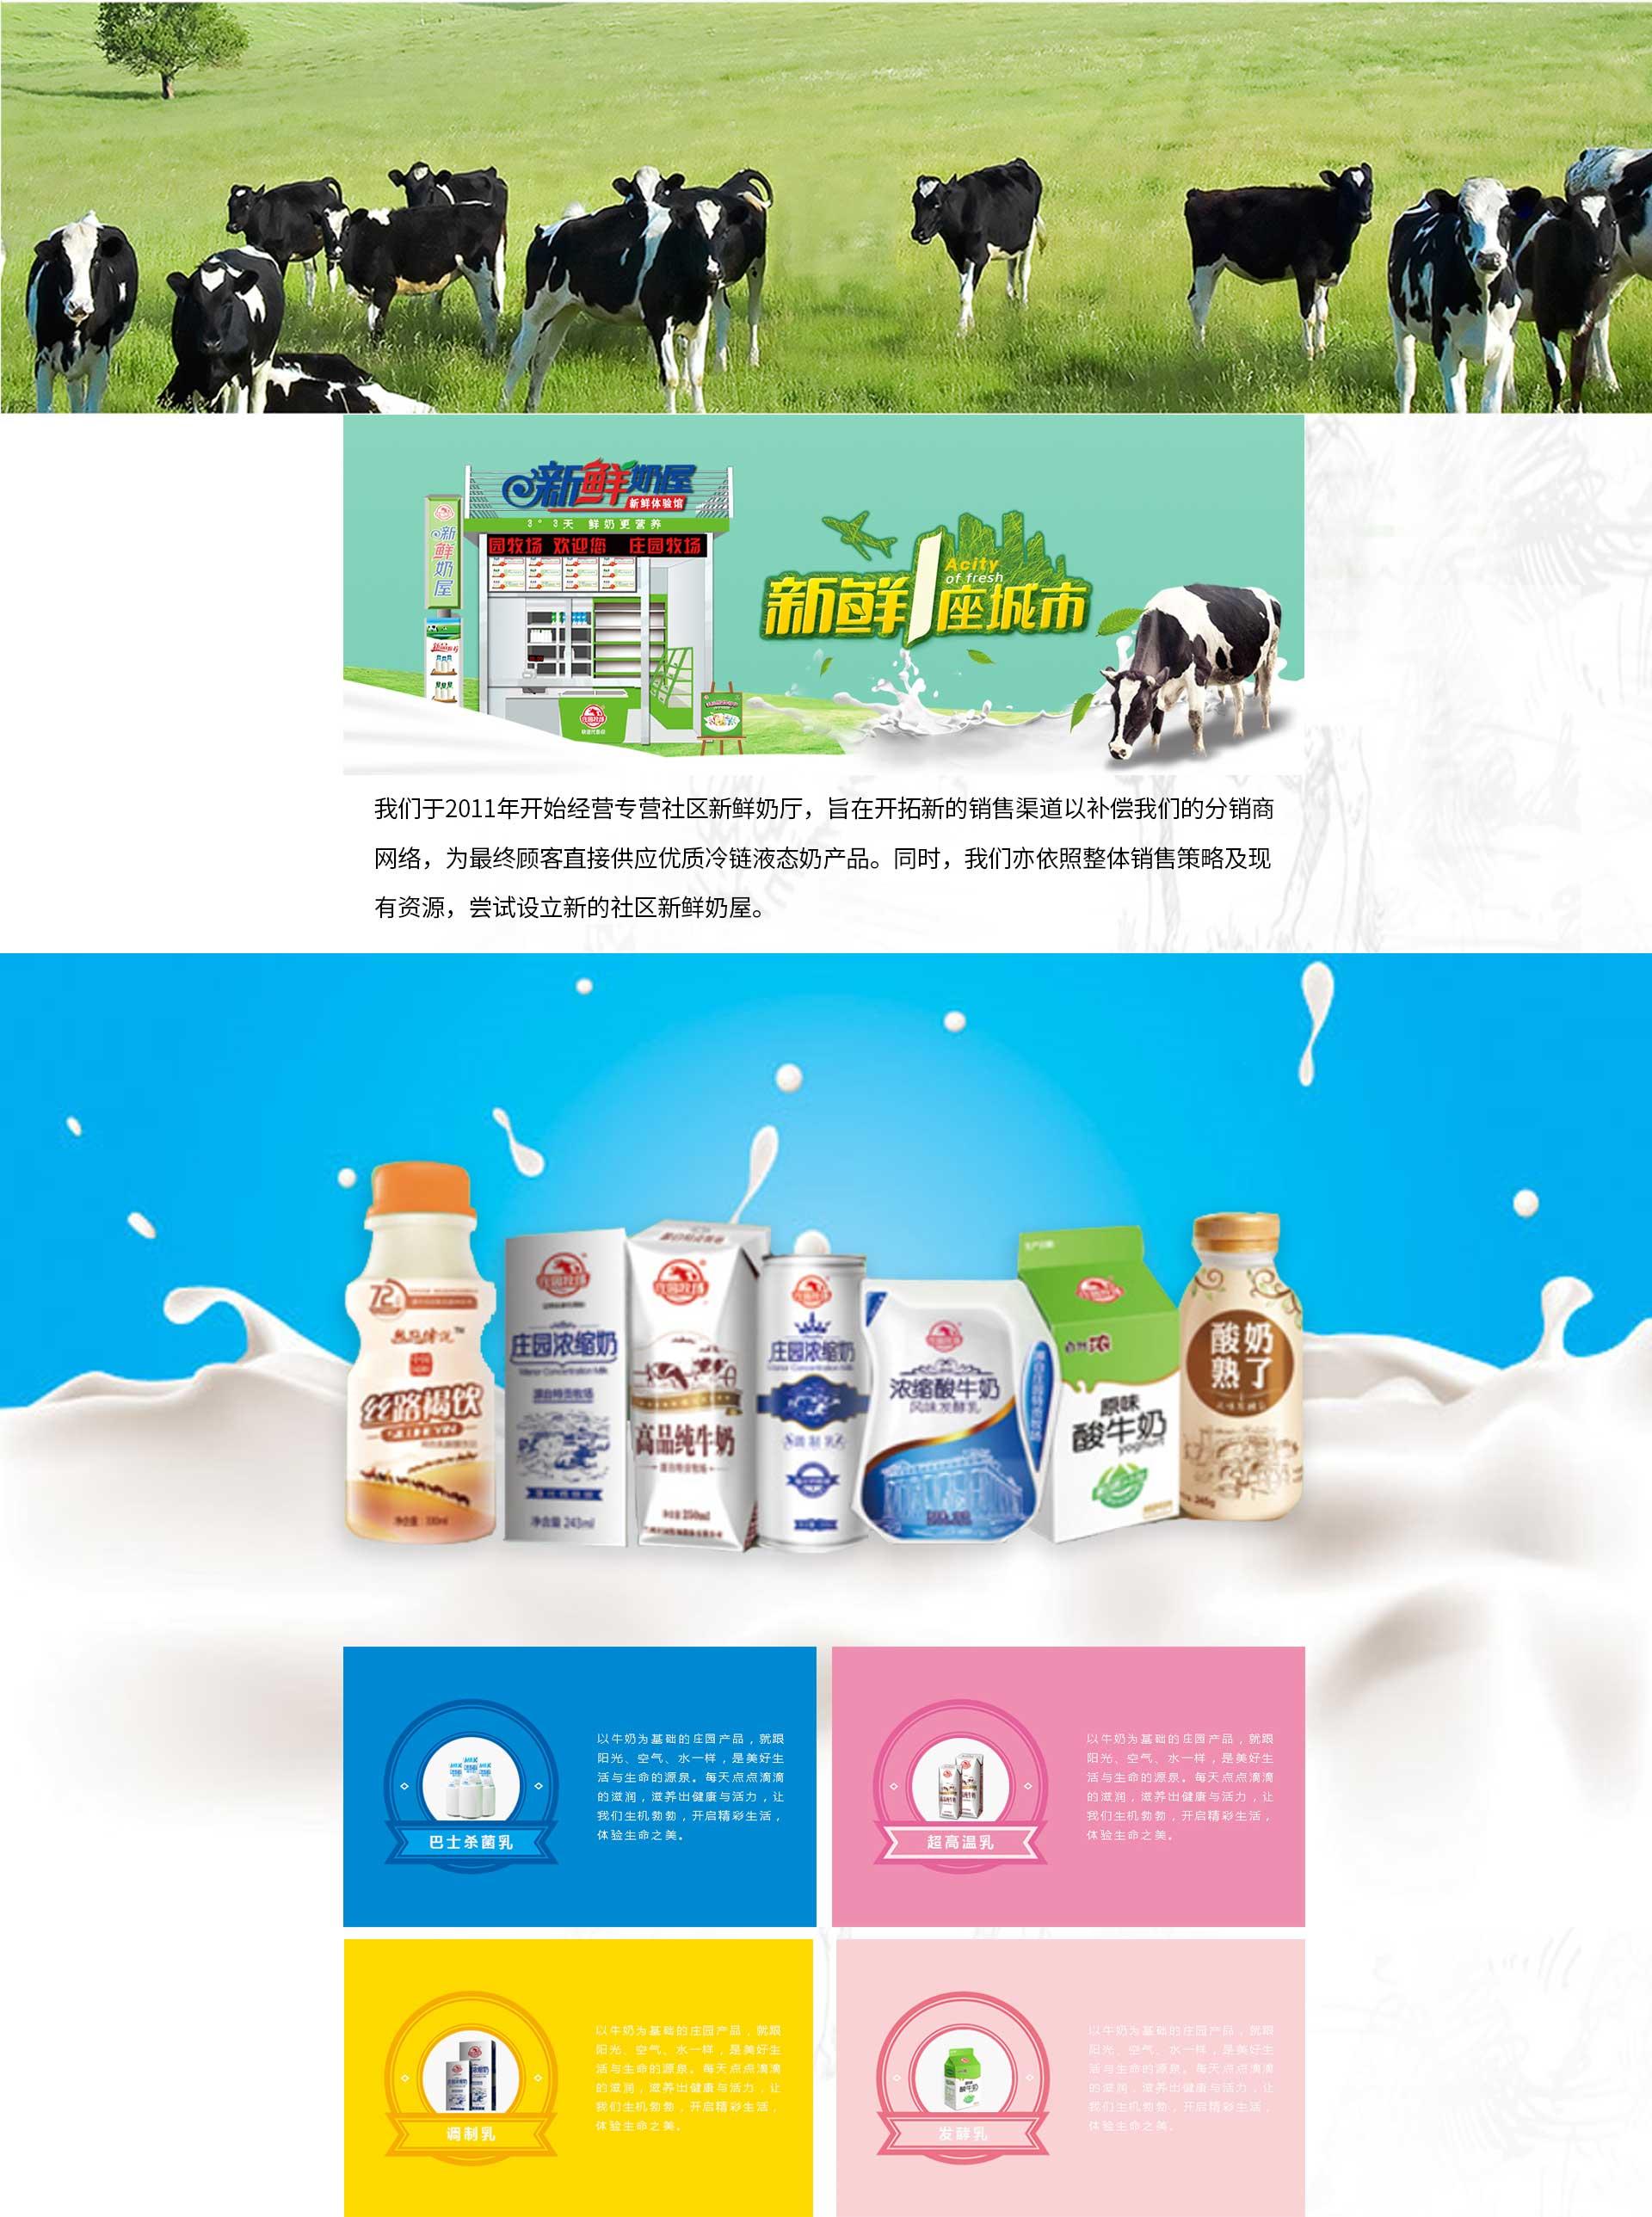 快消乳制品加盟-庄园有牧场,自然更新鲜-找加盟就上小宝招商